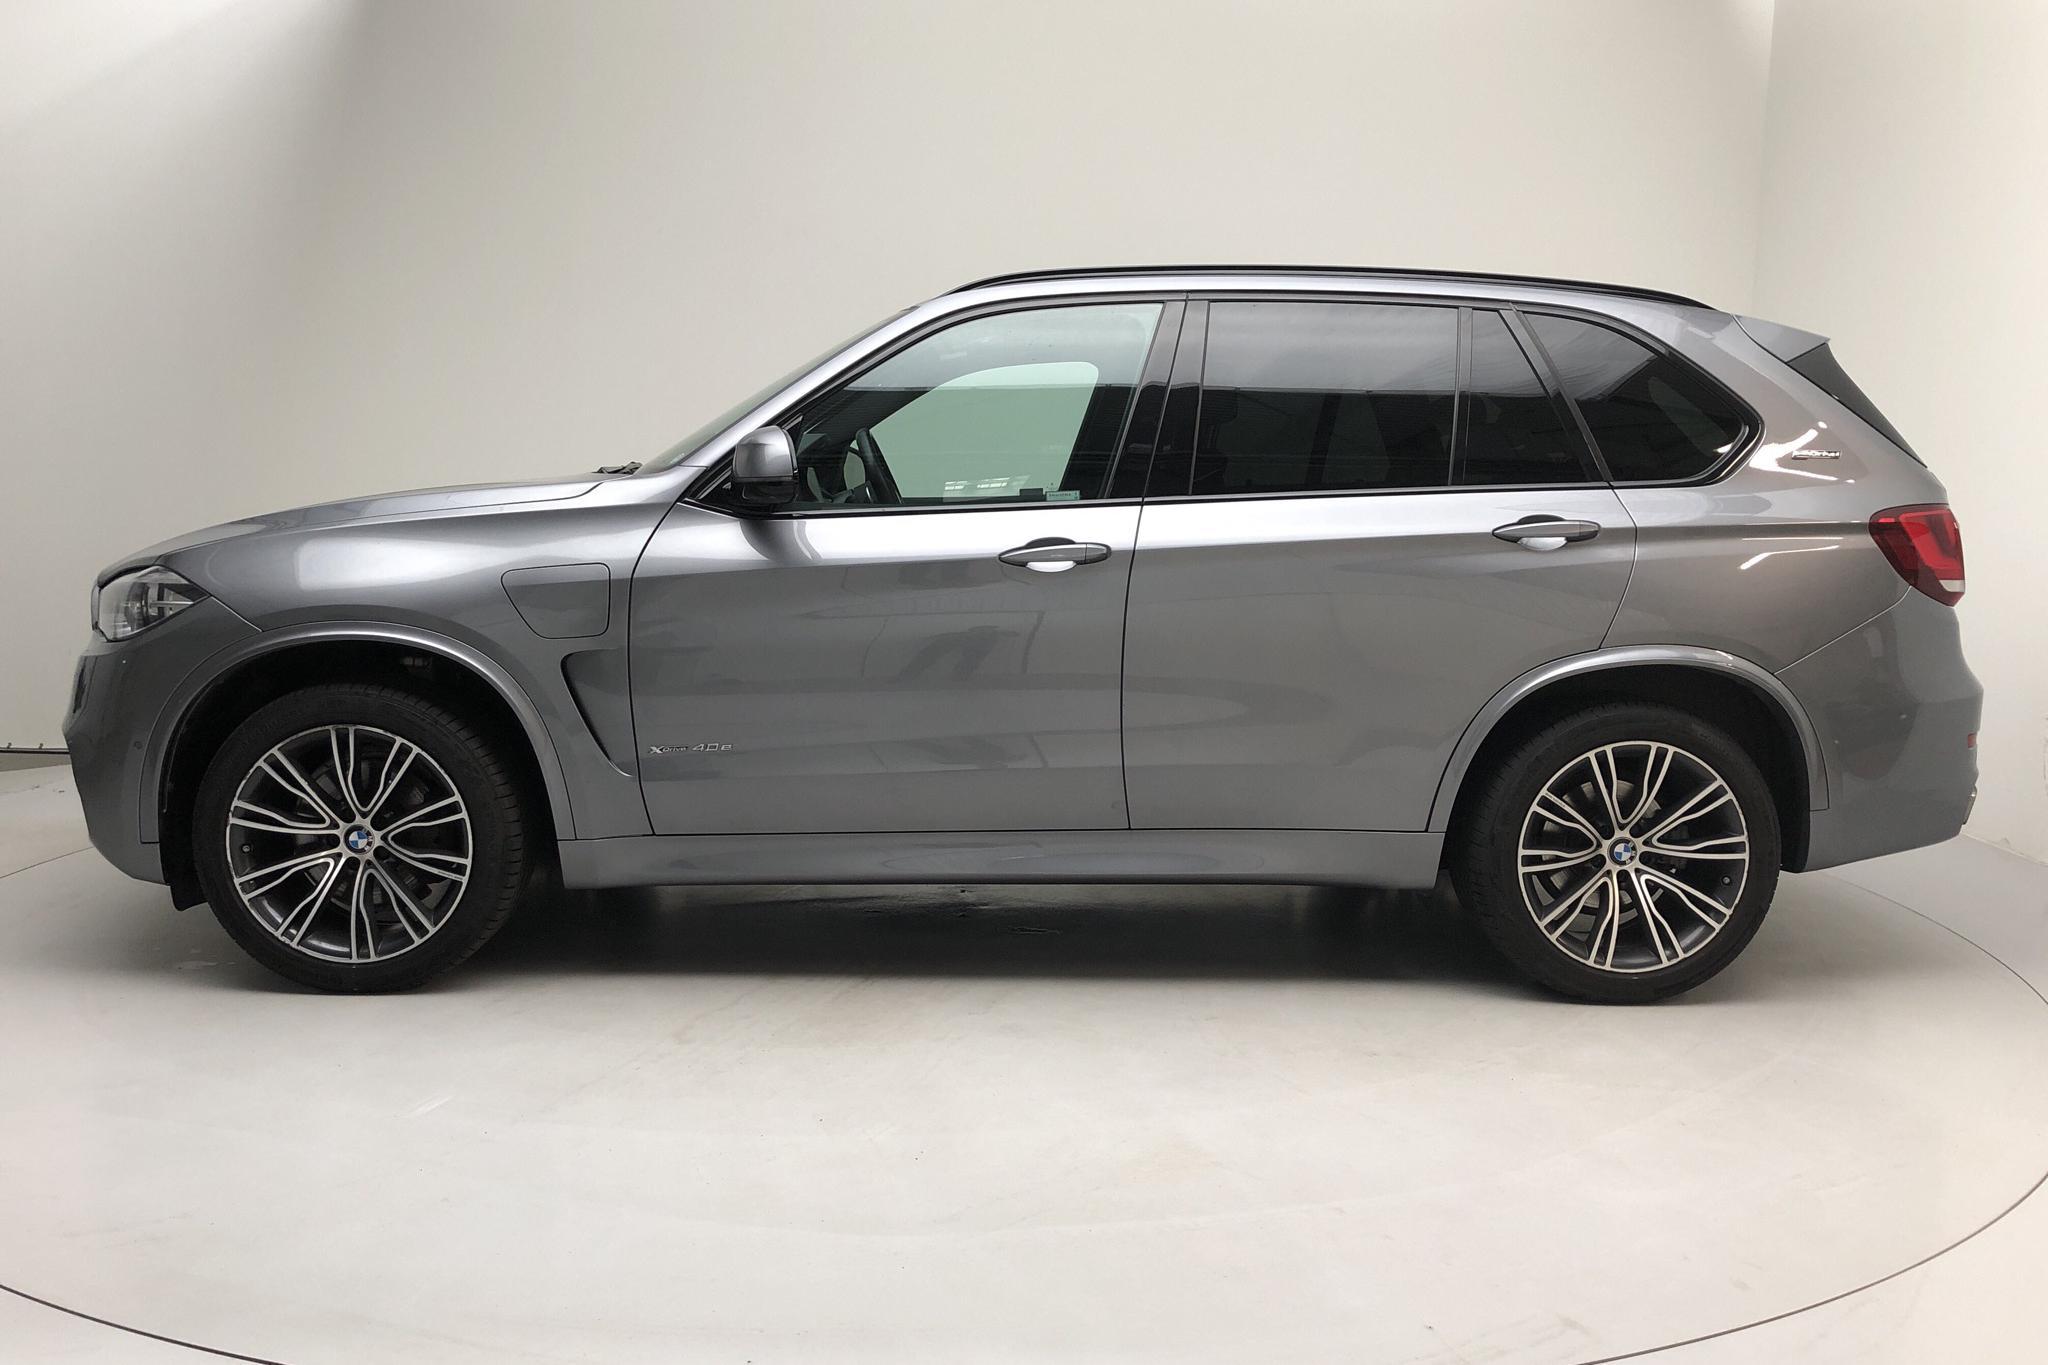 BMW X5 xDrive40e, F15 (245hk) - 57 360 km - Automatic - gray - 2018